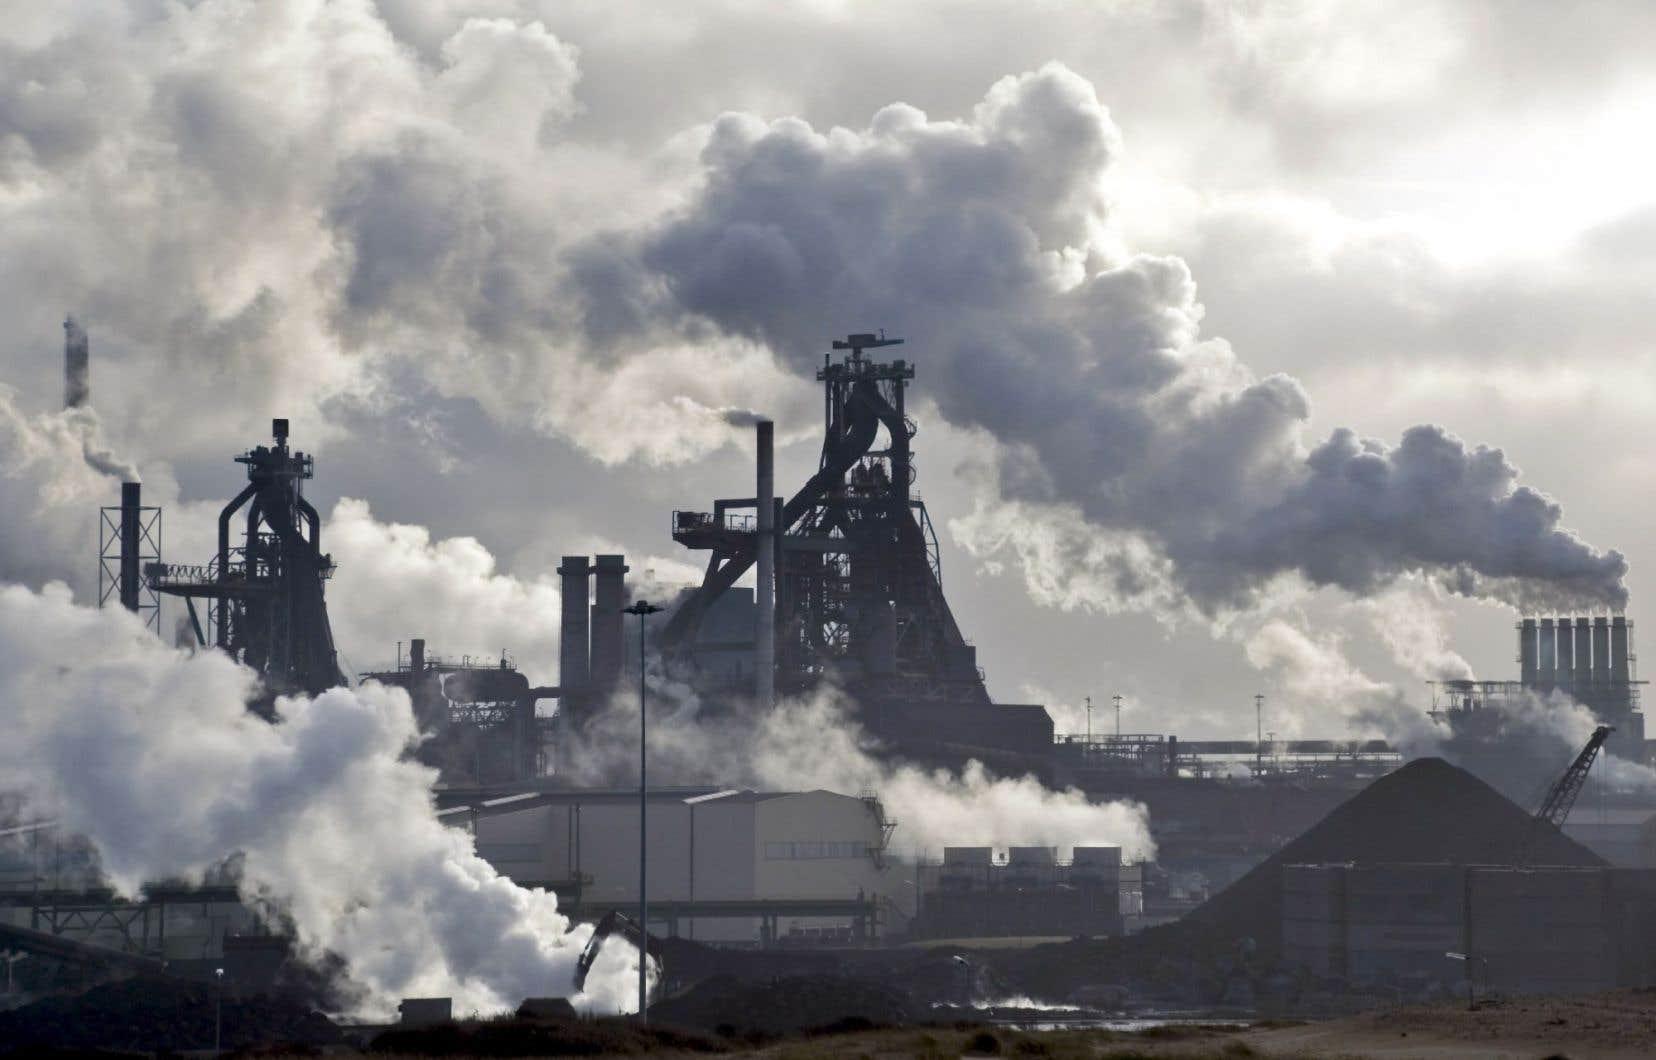 L'analyse du risque associé aux investissements dans des entreprises qui émettent des gaz à effet de serre prend de l'ampleur.